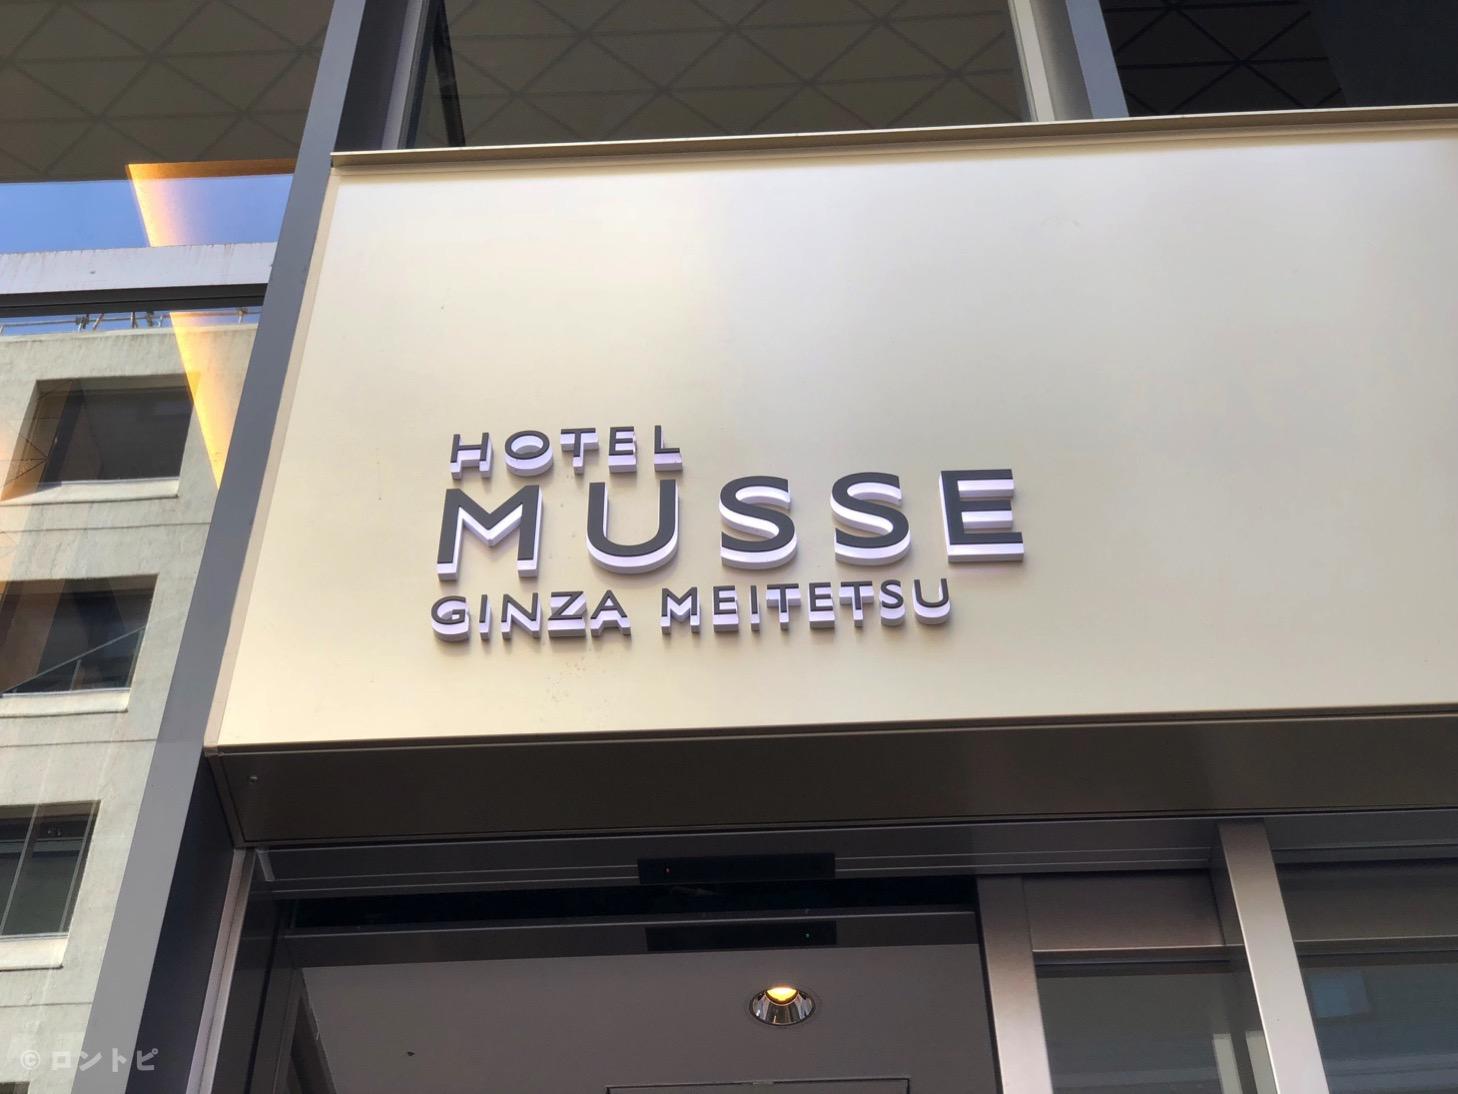 ホテルミュッセ 口コミ